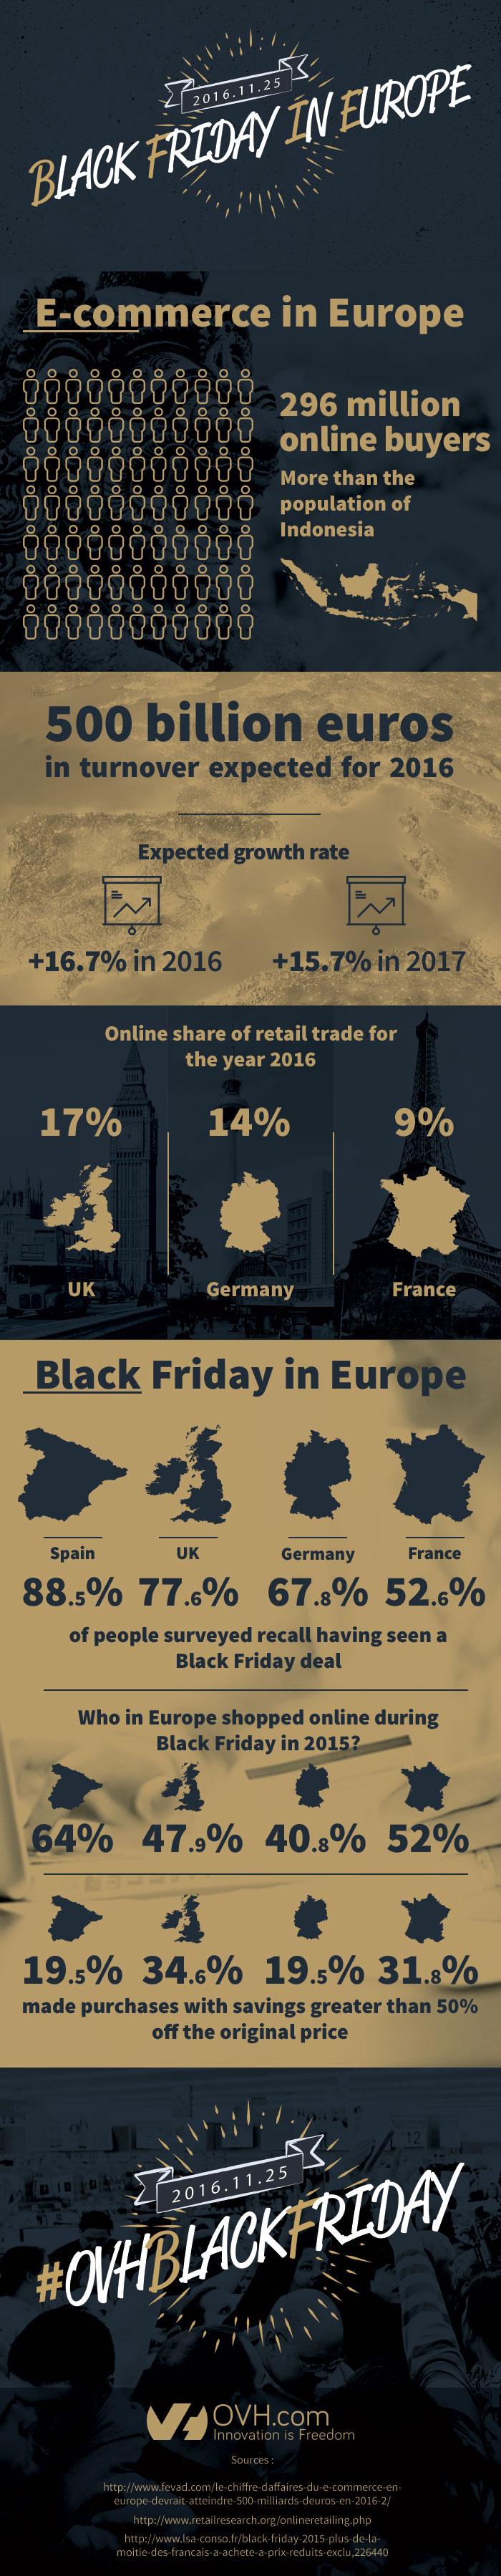 infographie-black-friday-en